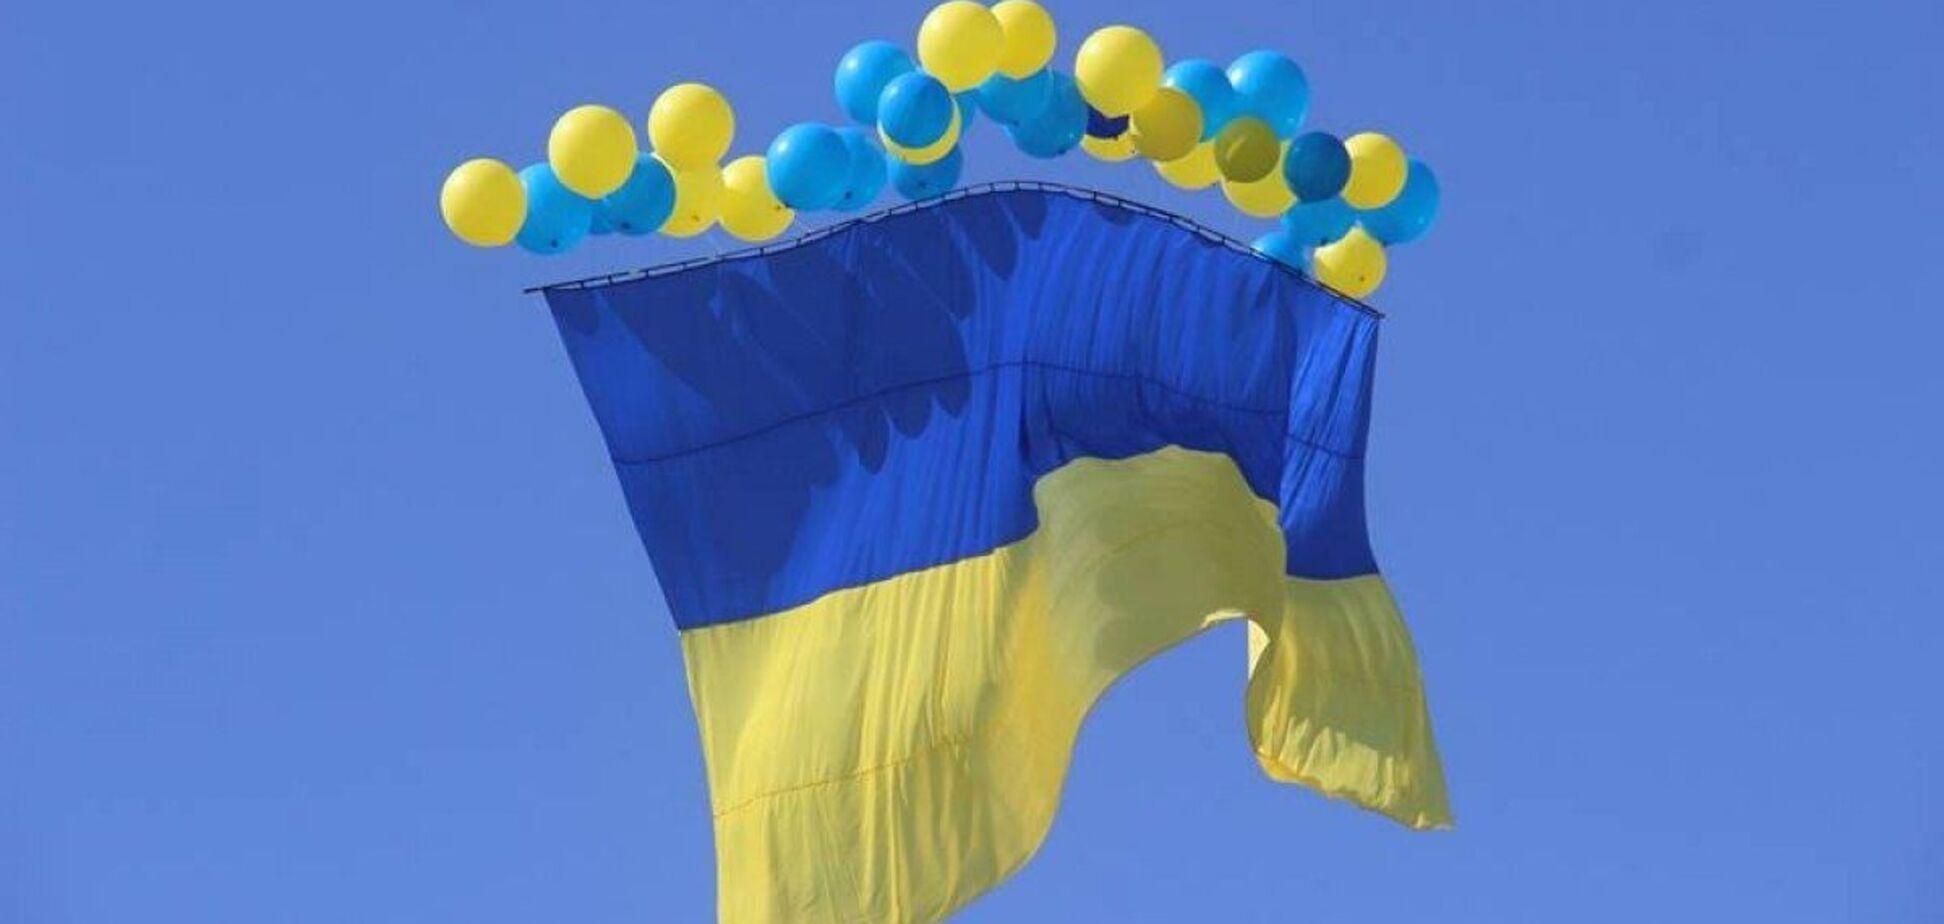 Історія українського прапора сягає корінням Середніх віків